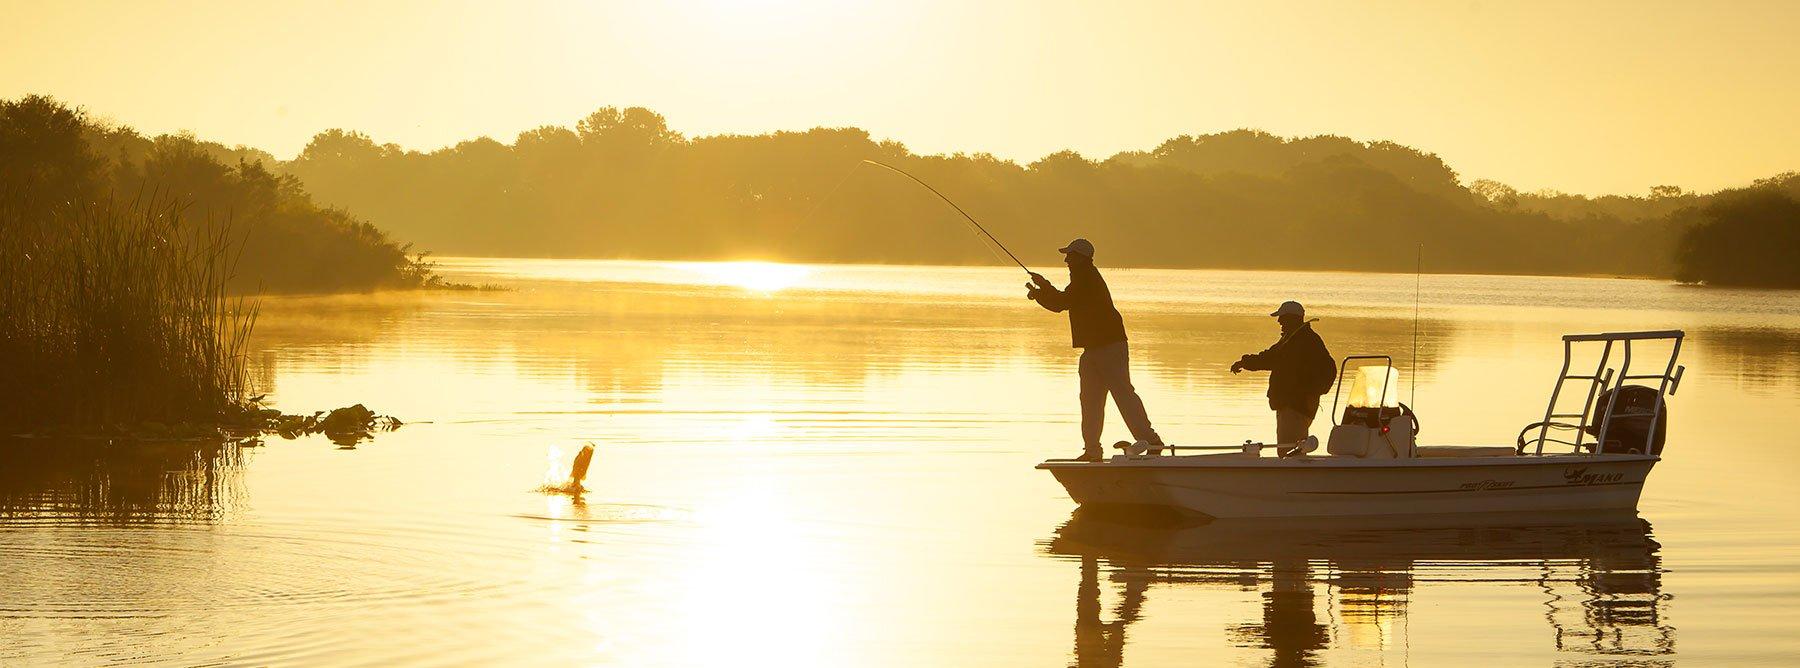 Снаряжение для рыбалки, моторы и лодки